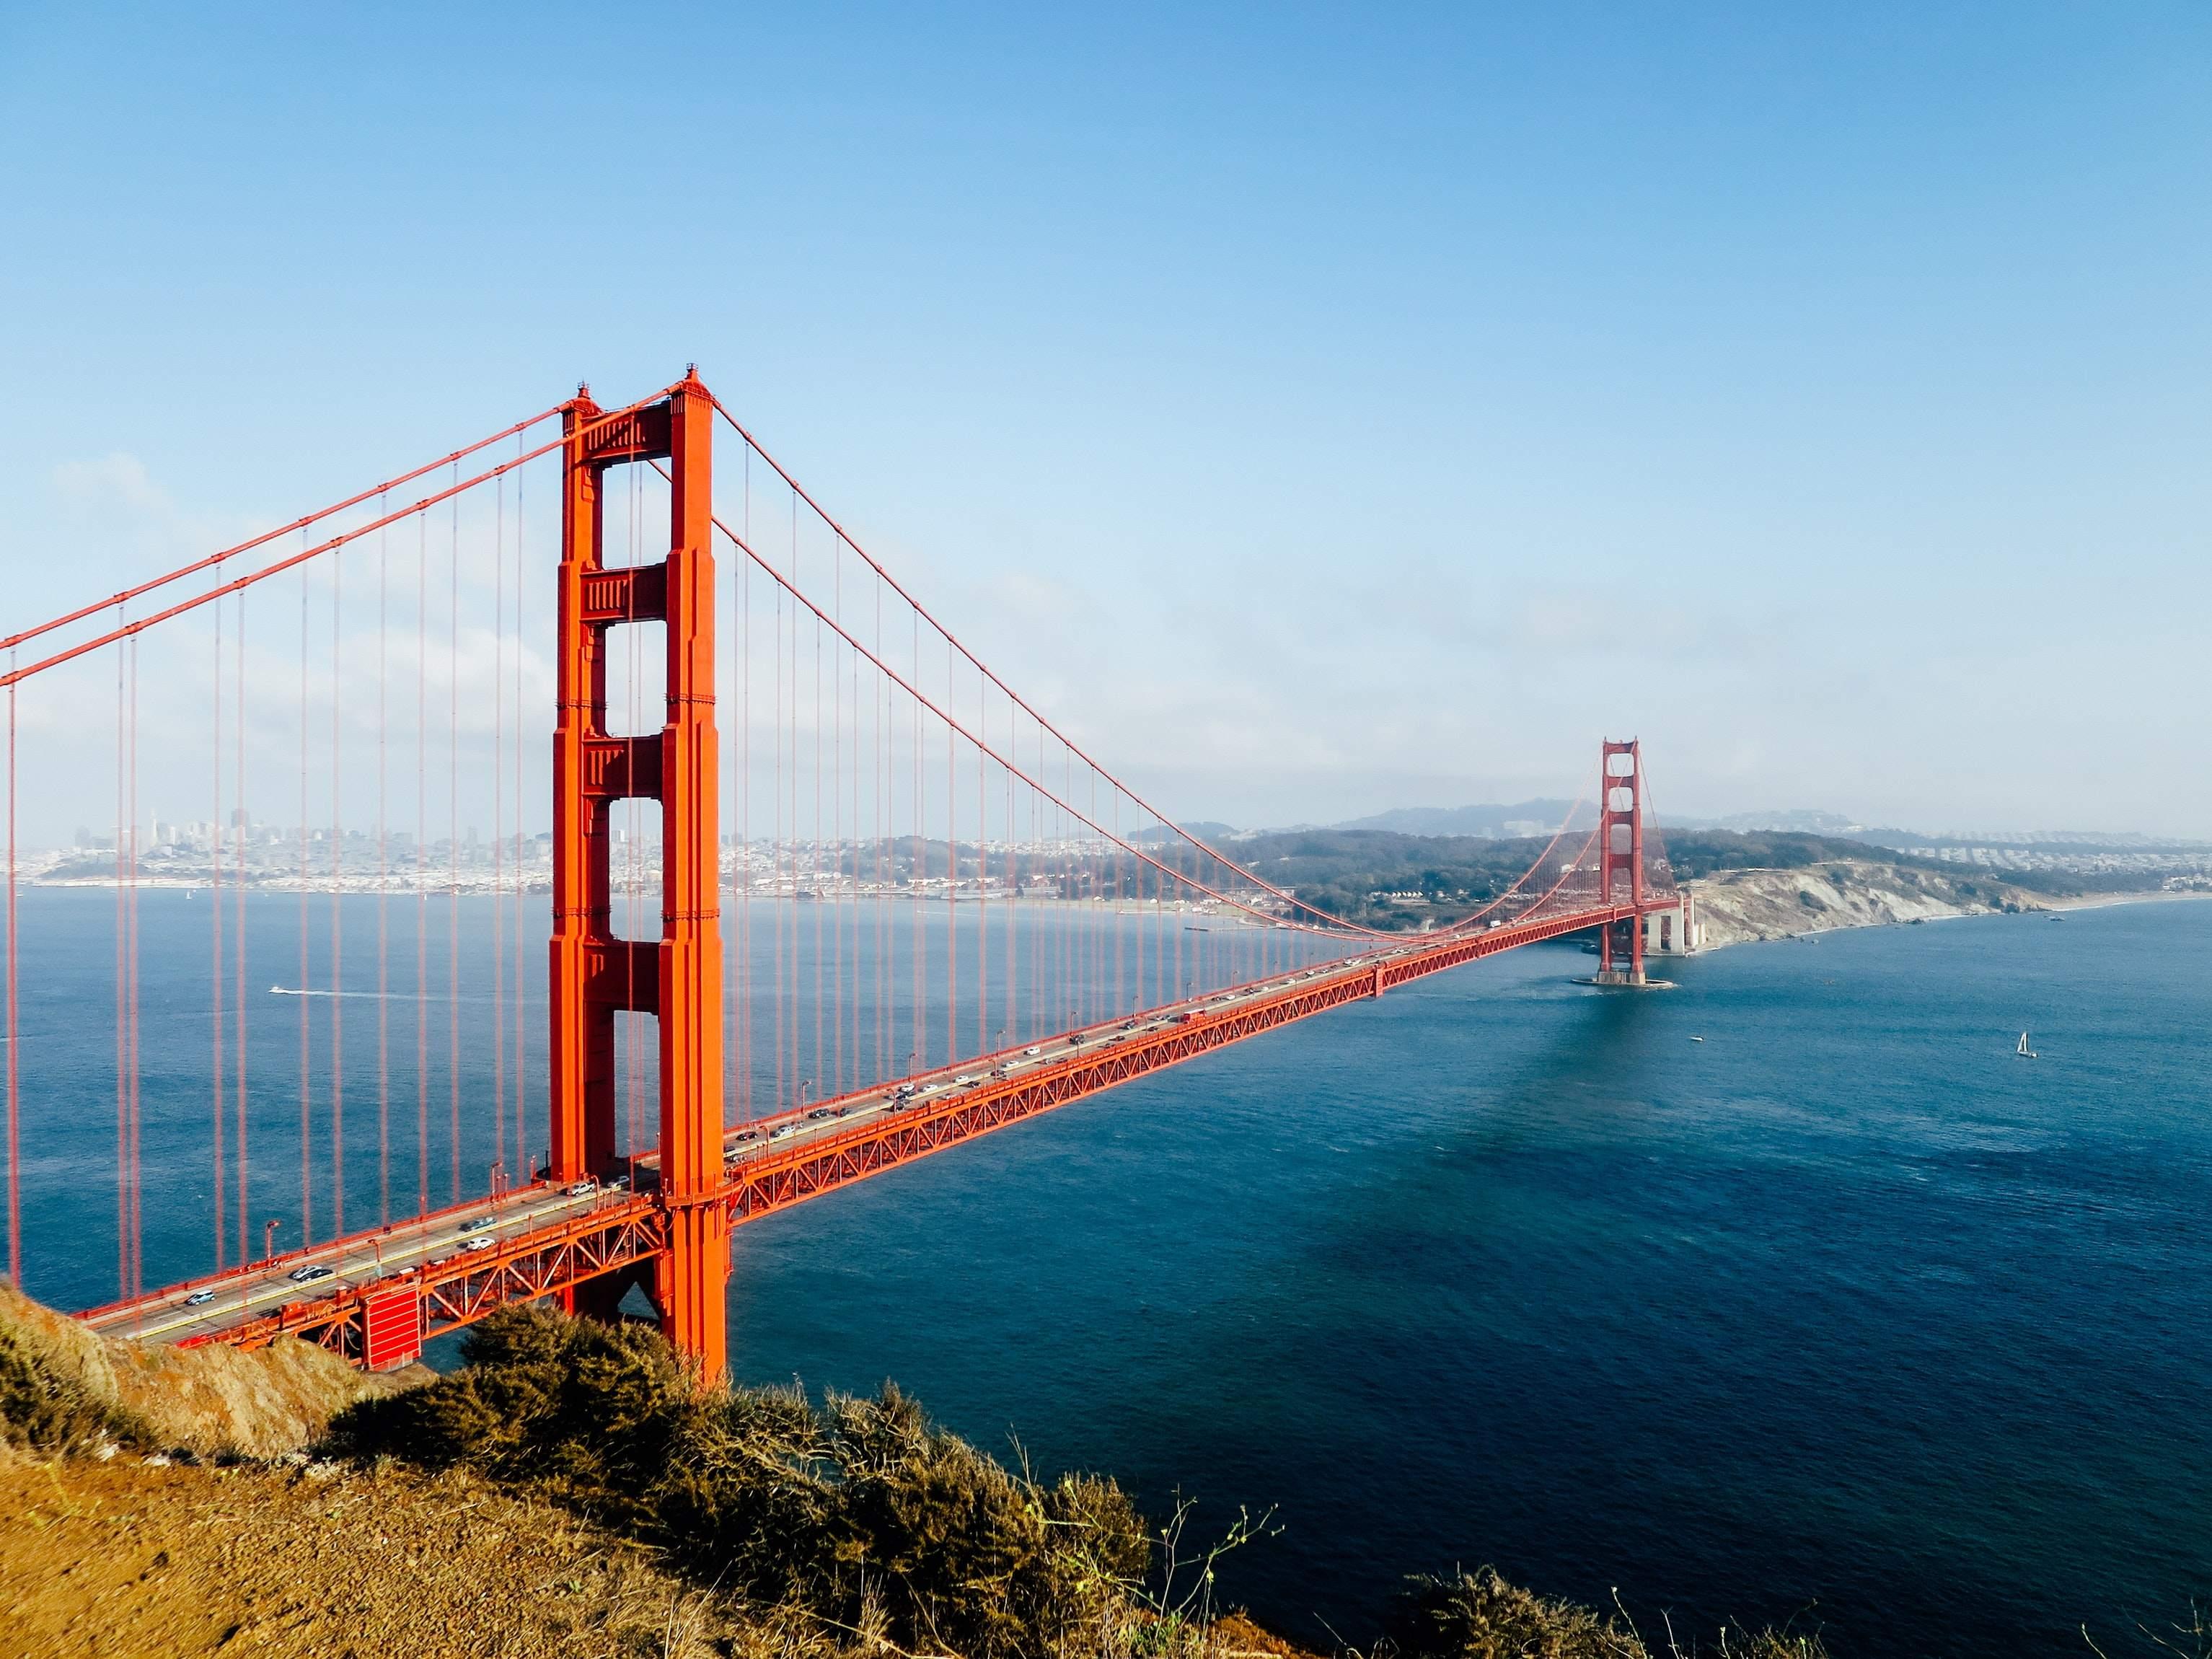 Die Golden Gate Bridge - mit eines der Symbole für die USA